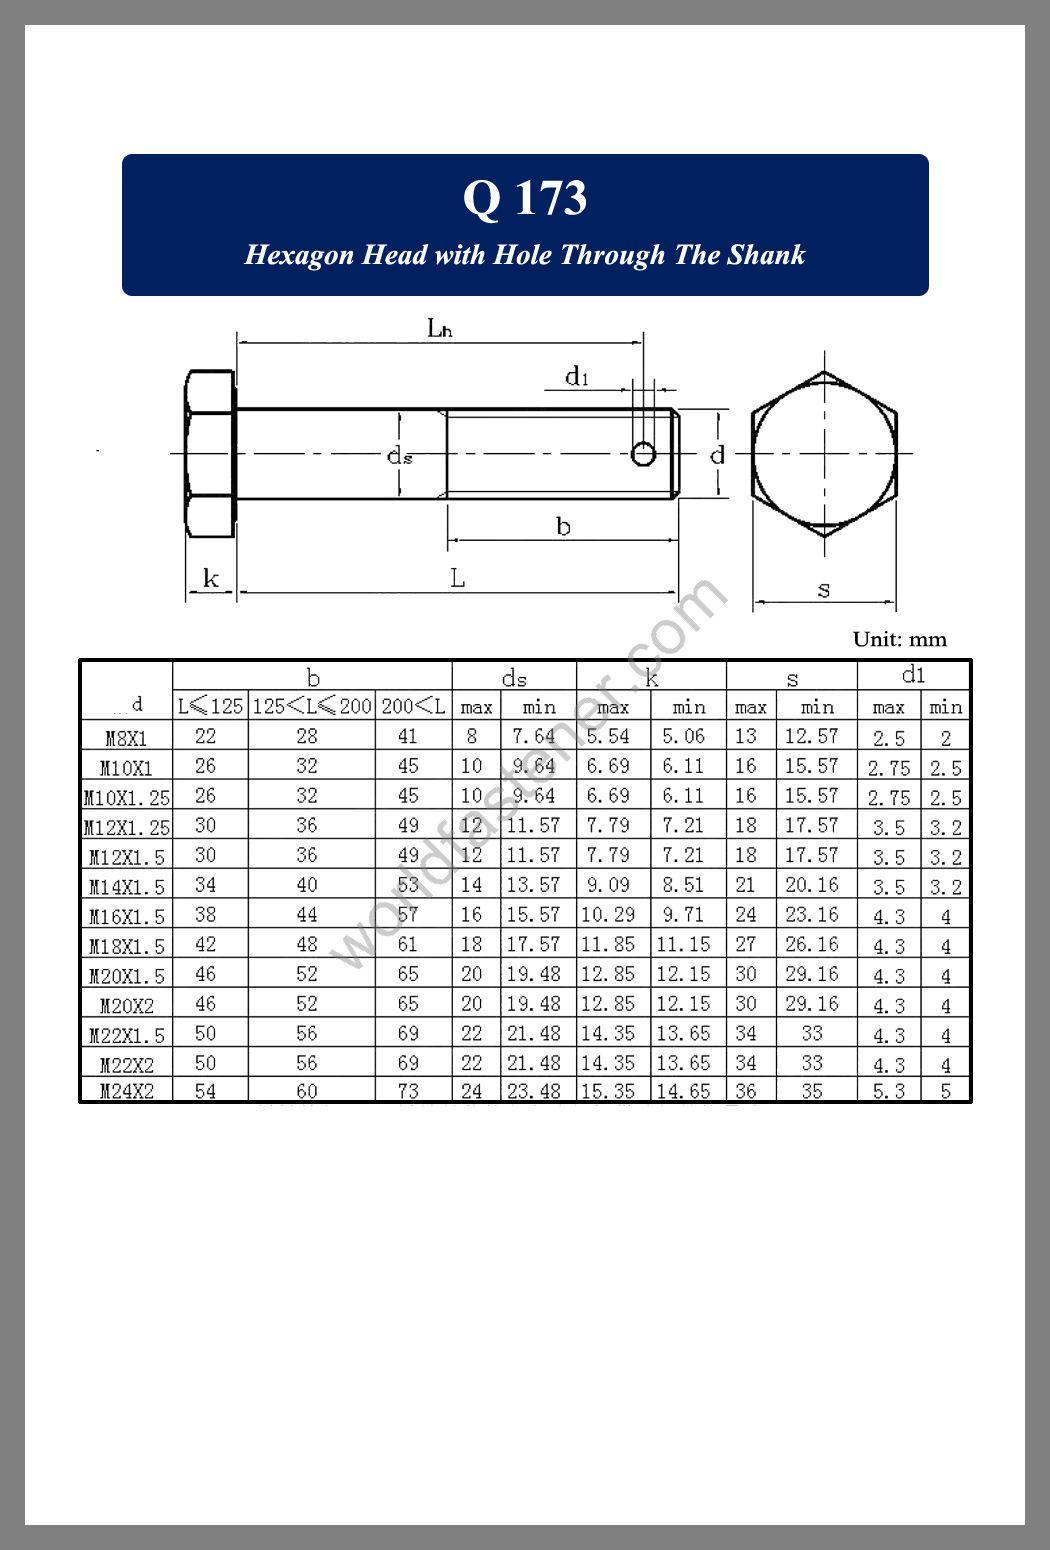 Q173, Q 173 Hexagon Head with Hole Through The Shank, fastener, screw, bolt, Q bolt, Q Standard Fastener